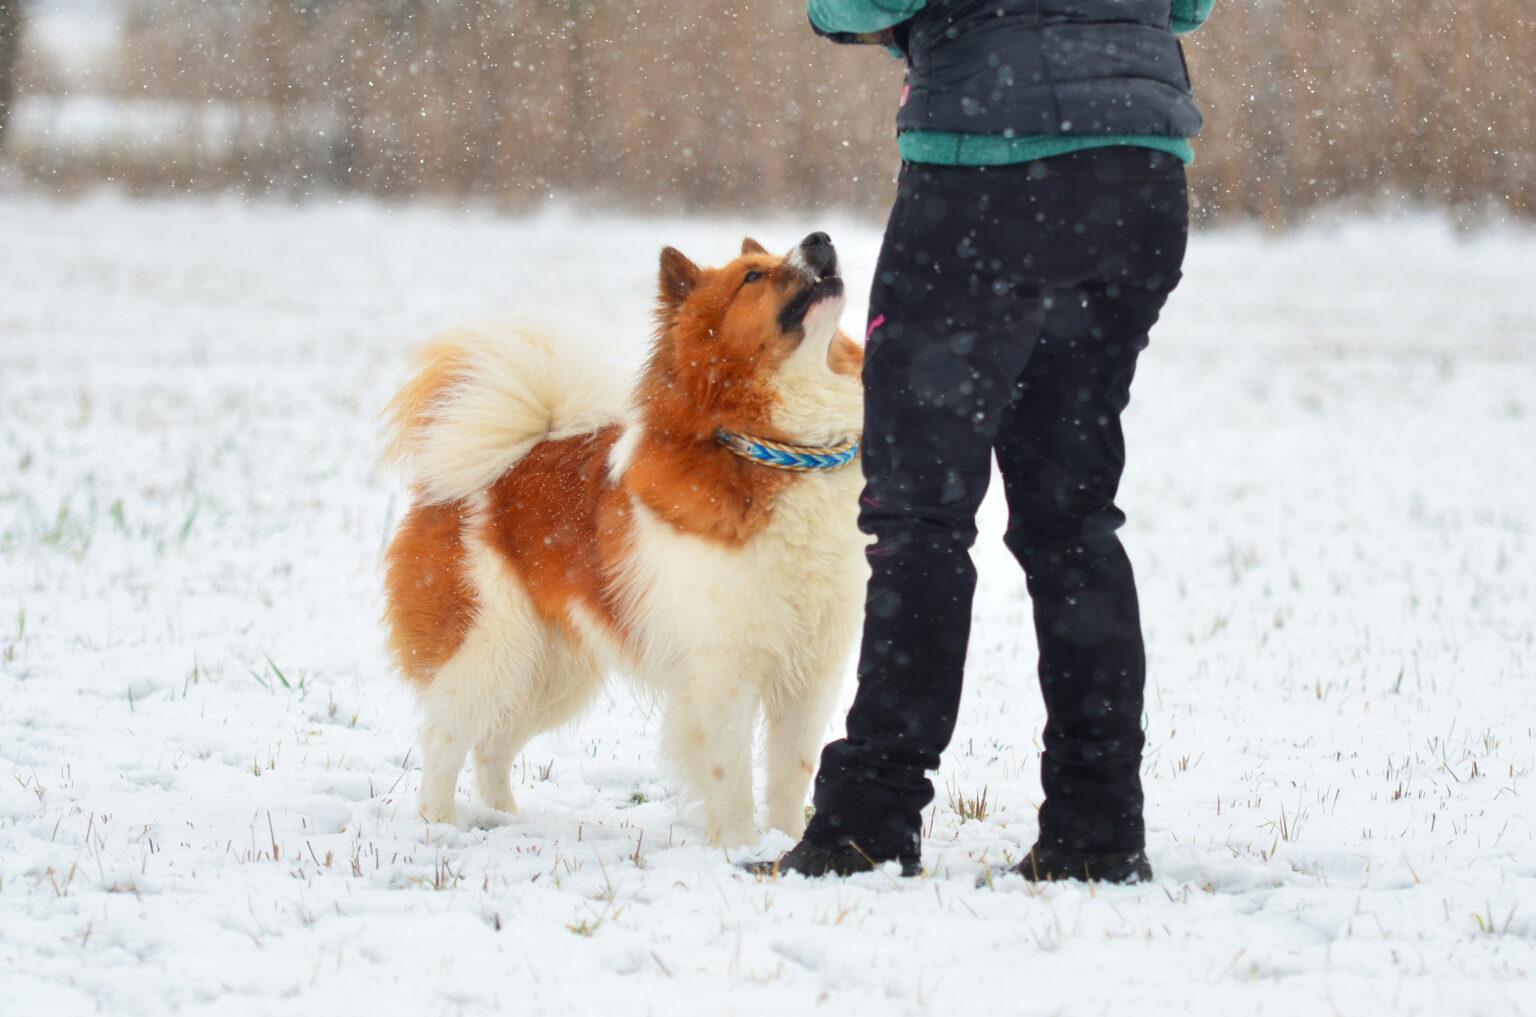 Unser kleiner Gismo testet hier sein Pfeilspiel beim Futterbeuteln im Schnee. Trotz seines dicken Pelzes sieht man das Halsband durch das Wuschelfell hervorblitzen.